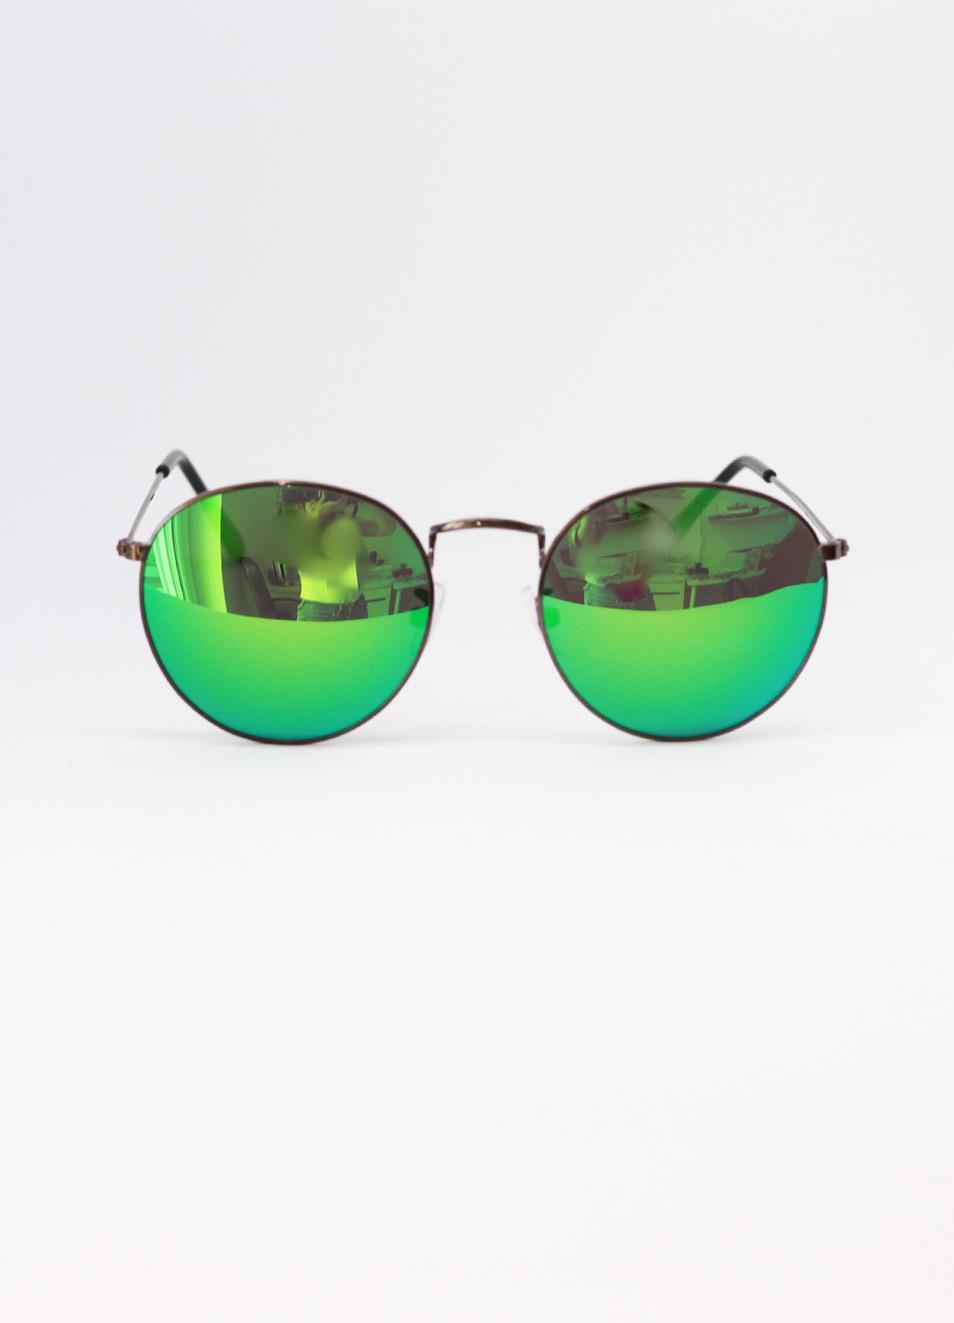 più amato 756c0 e5825 Occhiali da sole esclusivi verdi